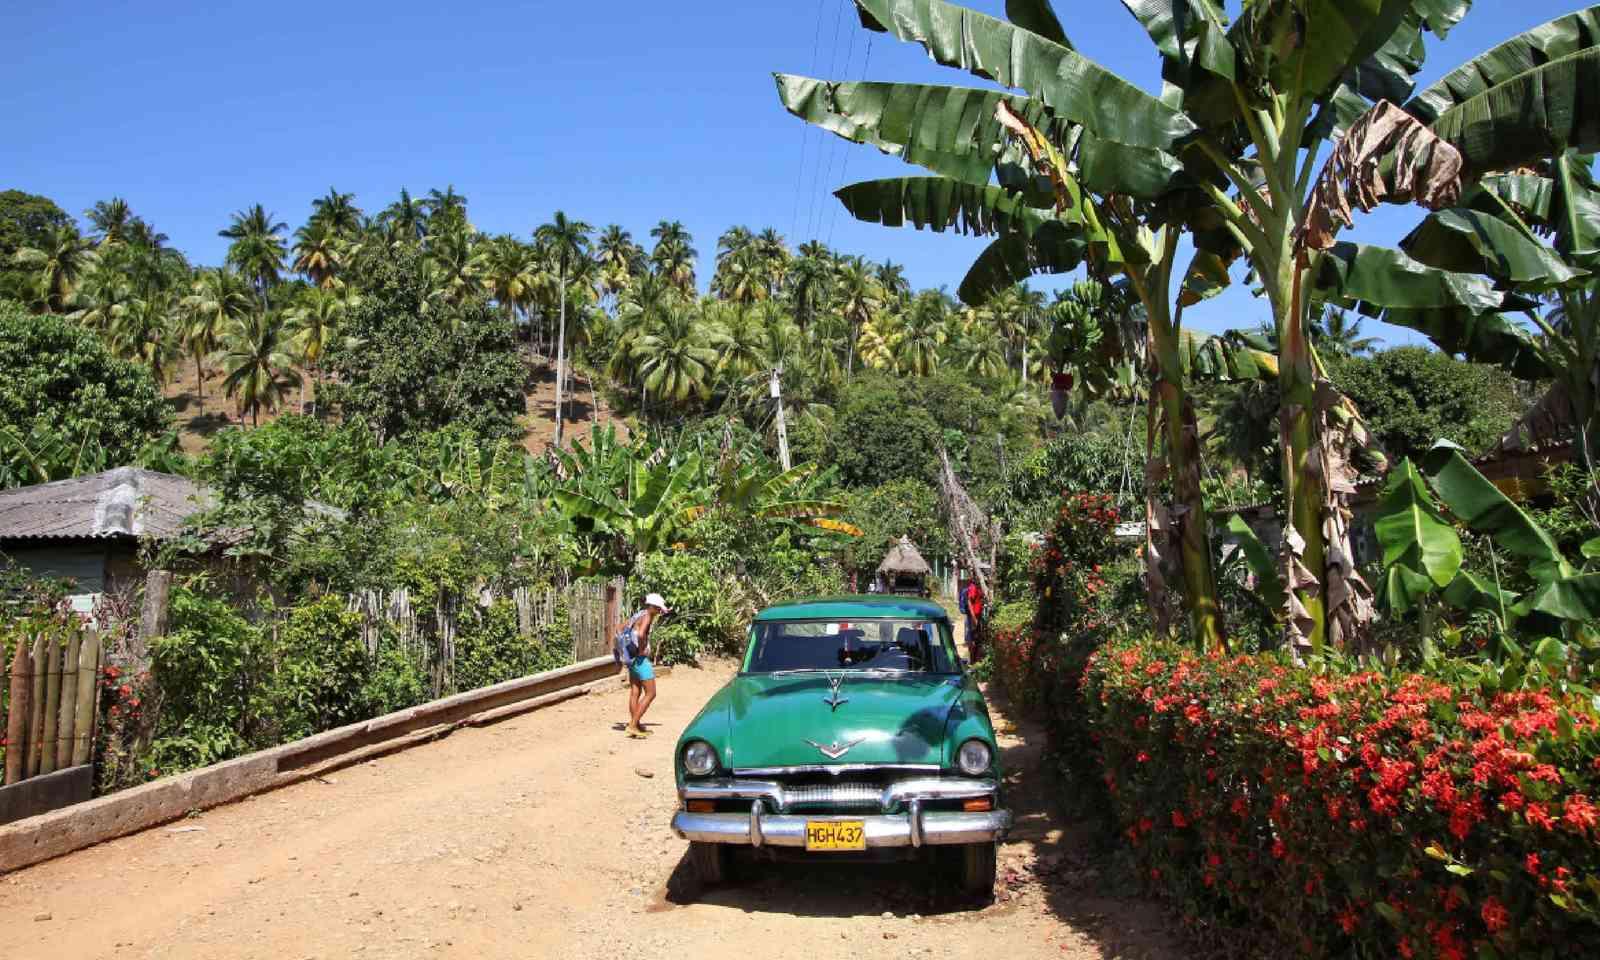 Oldtimer car in Baracoa, Cuba (Shutterstock)